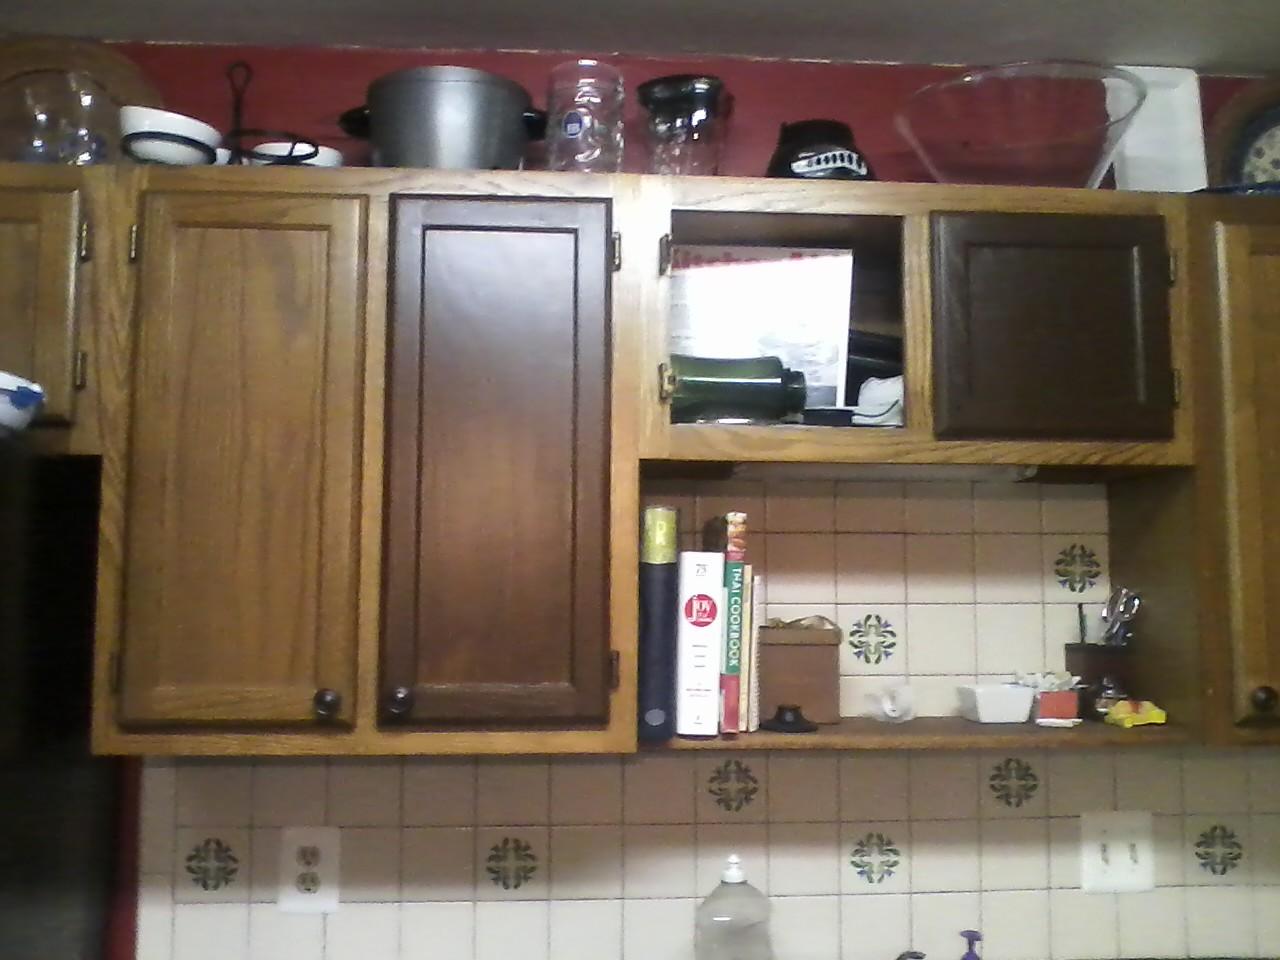 restaining kitchen cabinets gel stain photo - 1